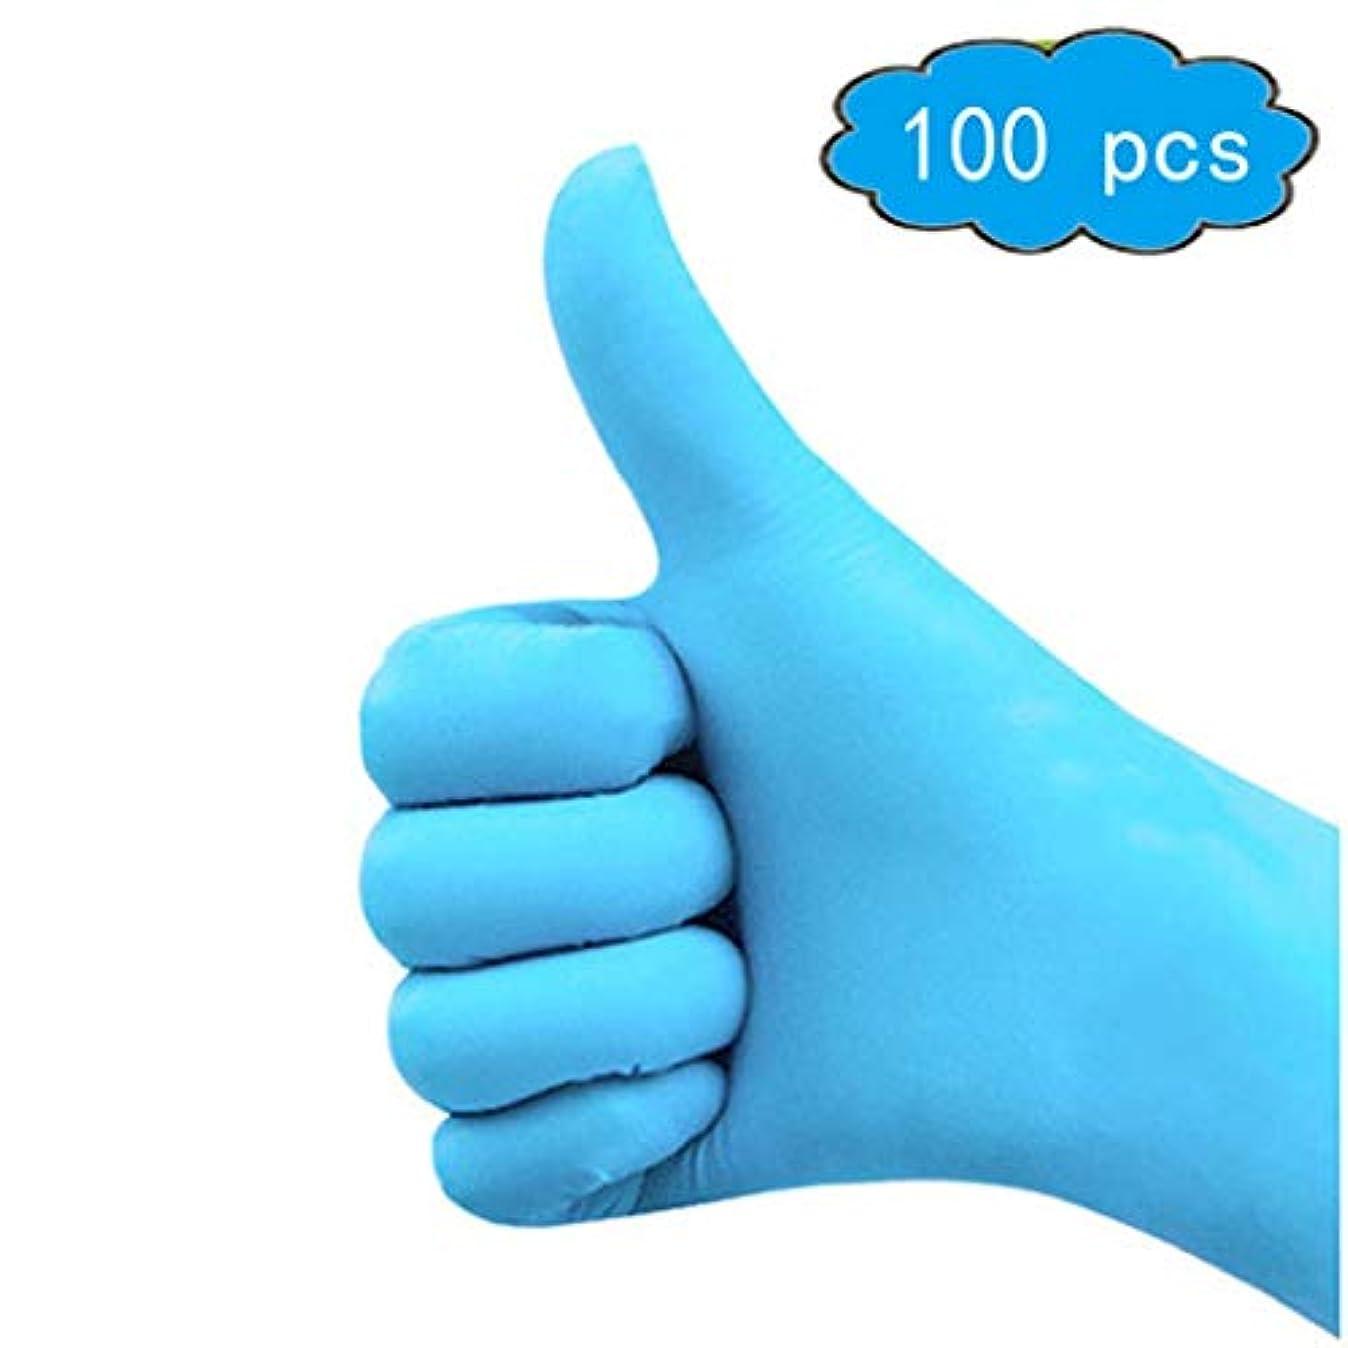 器具寄生虫ハプニング使い捨てニトリル手袋、パウダーなし、厚く、3 mil、青、サイズL、100個入り、サニタリー手袋、家庭用品 (Color : Blue, Size : L)